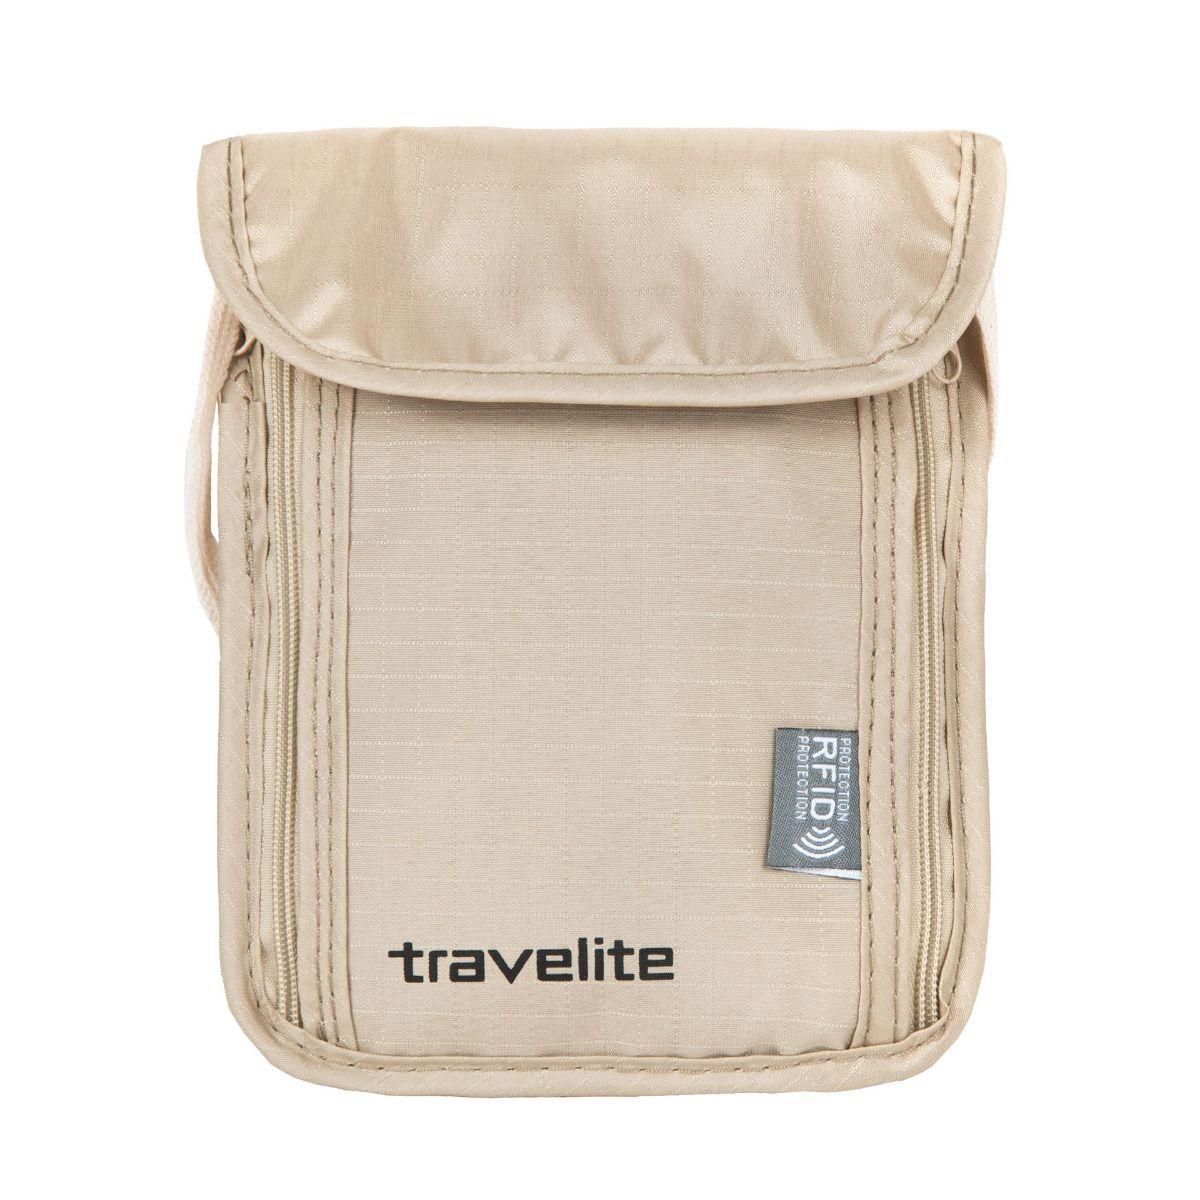 Bezpečnostní peněženka na krk s ochranou RFID Travelite Neck pouch RFID Beige